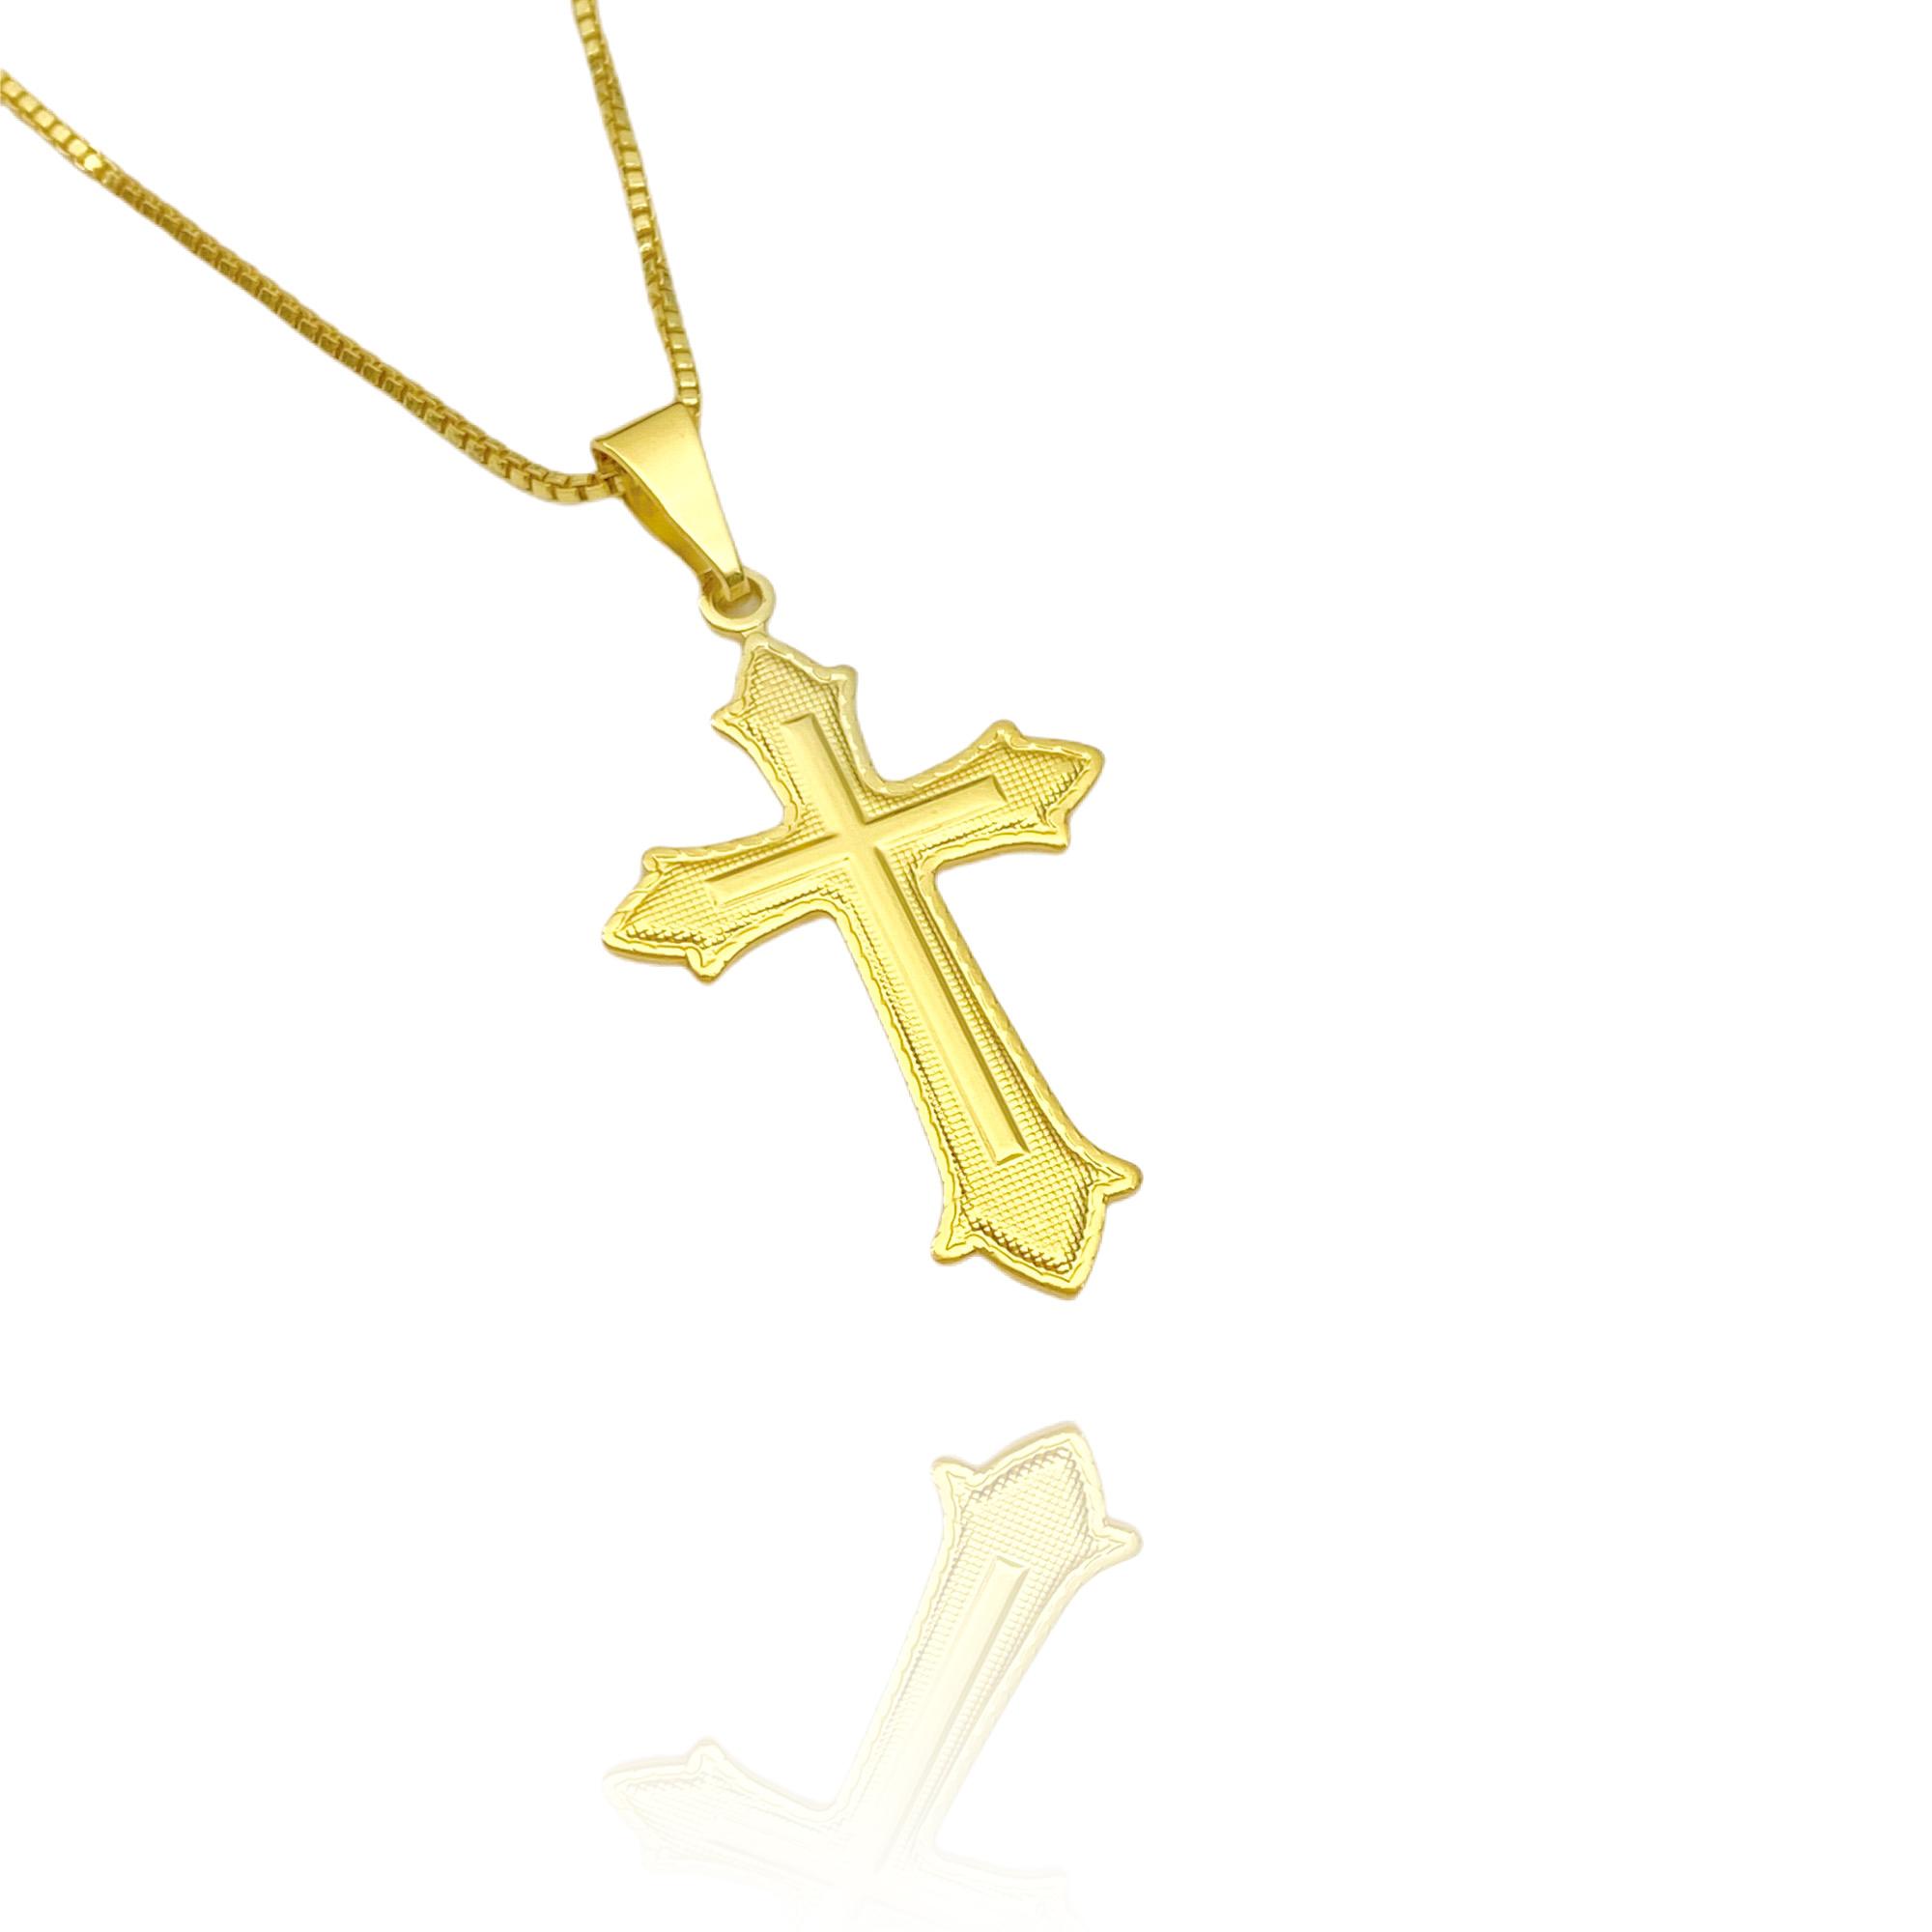 Pingente Crucifixo Médio (3,3cmX2cm) (Banho Ouro 24k)